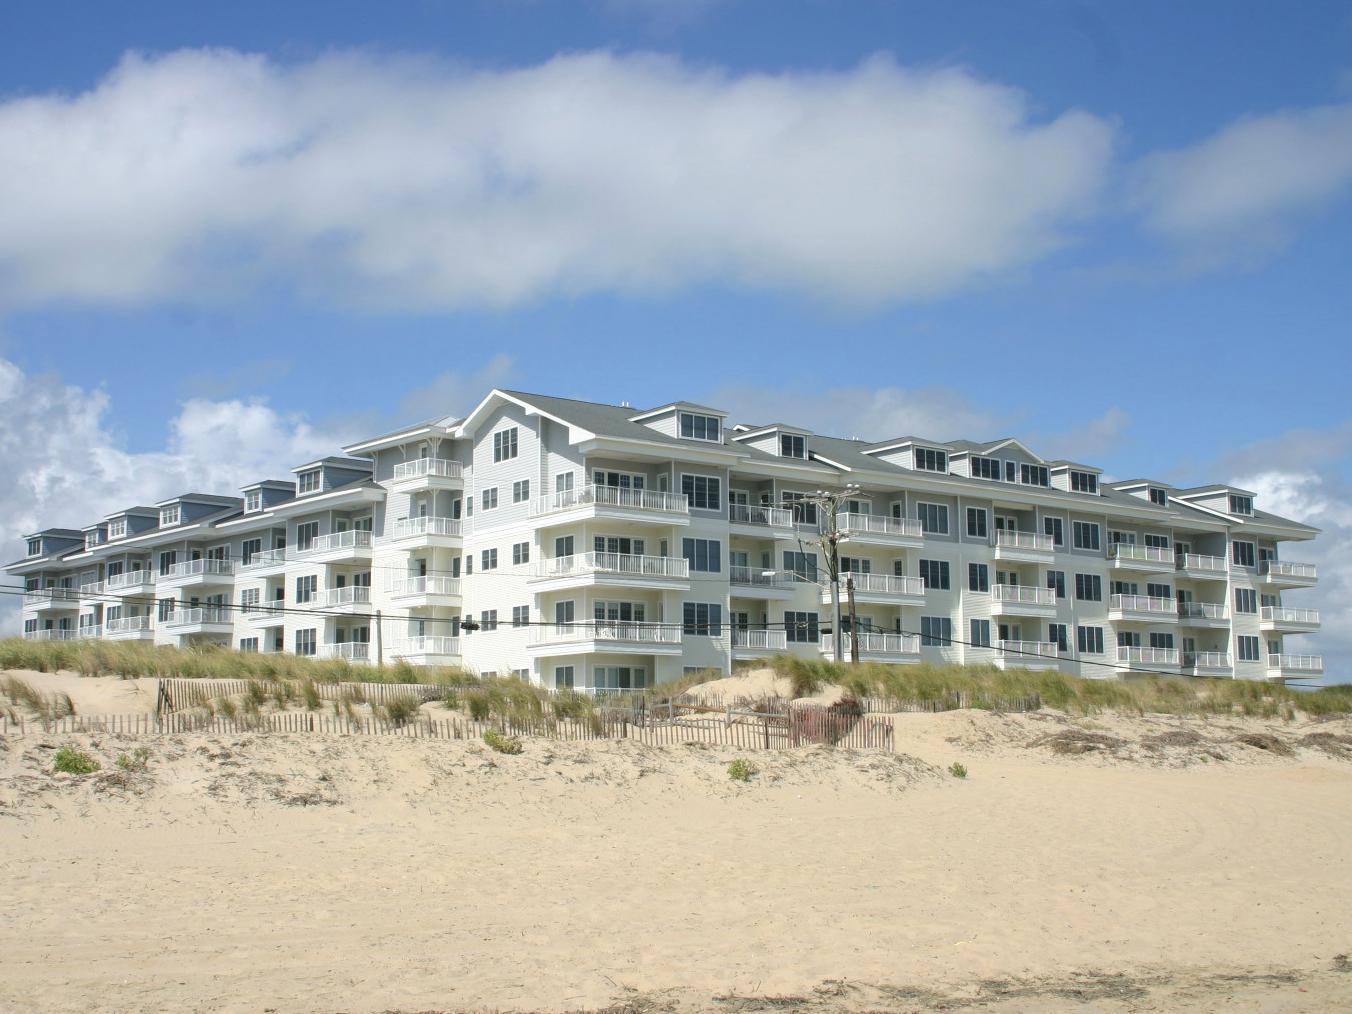 Sweet retreat 4 bedroom sandbridge beach rental - 4 bedroom houses for rent in virginia beach ...